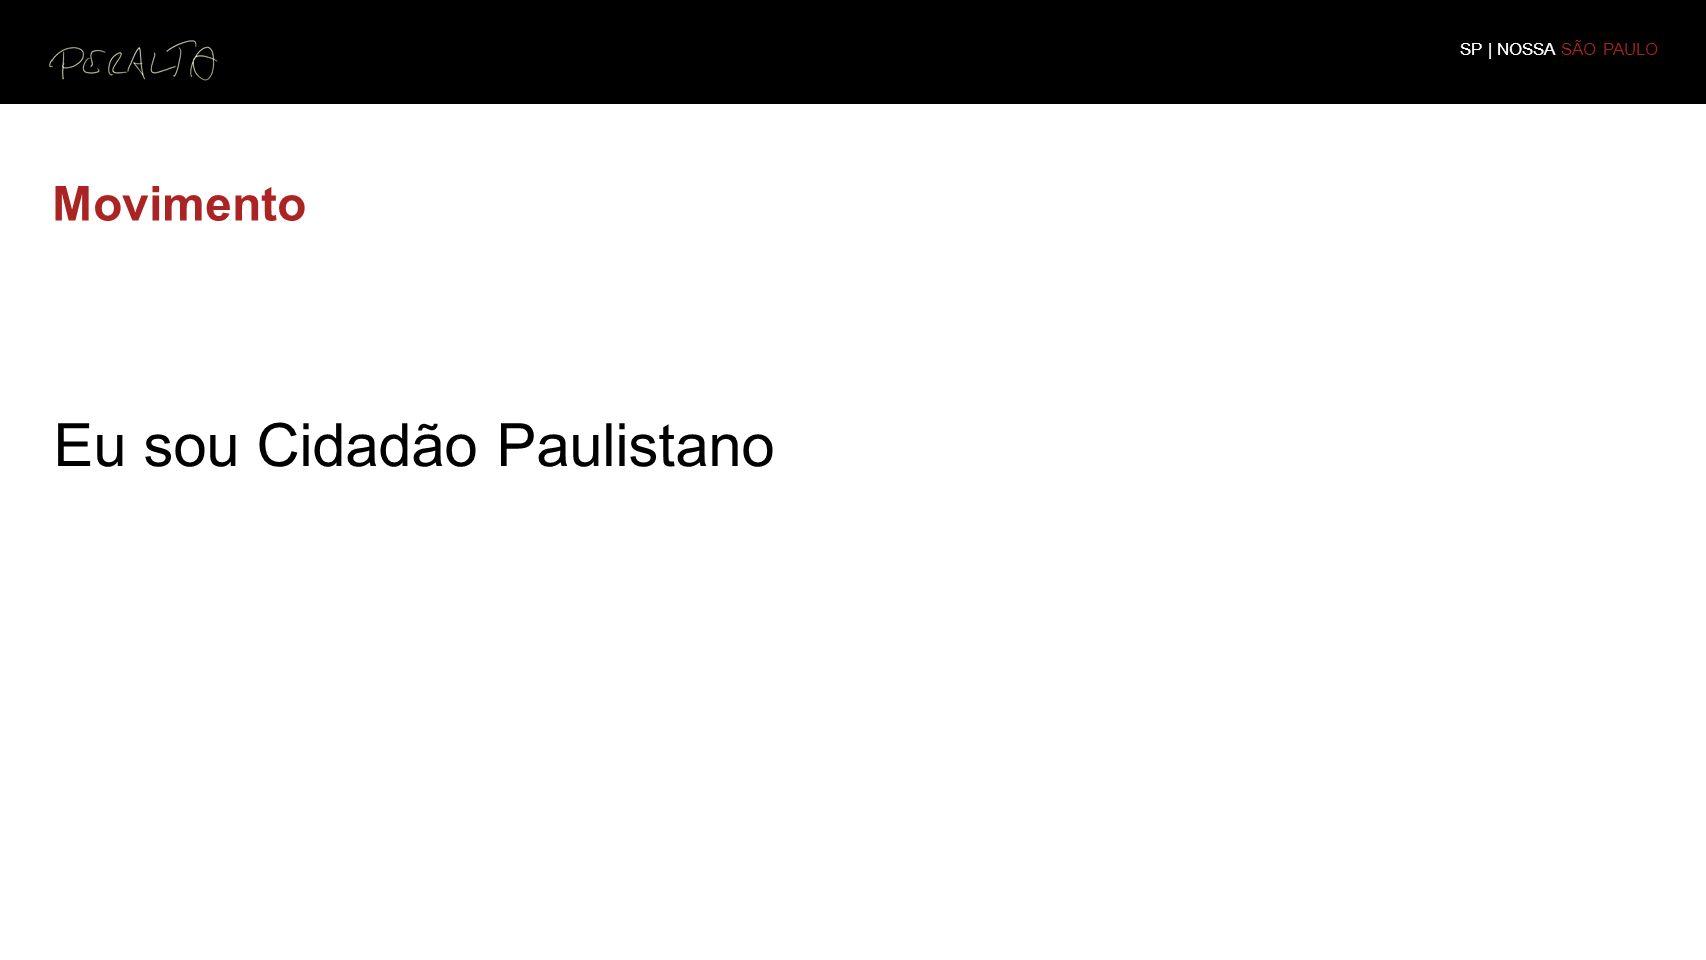 Movimento SP | NOSSA SÃO PAULO Eu sou Cidadão Paulistano